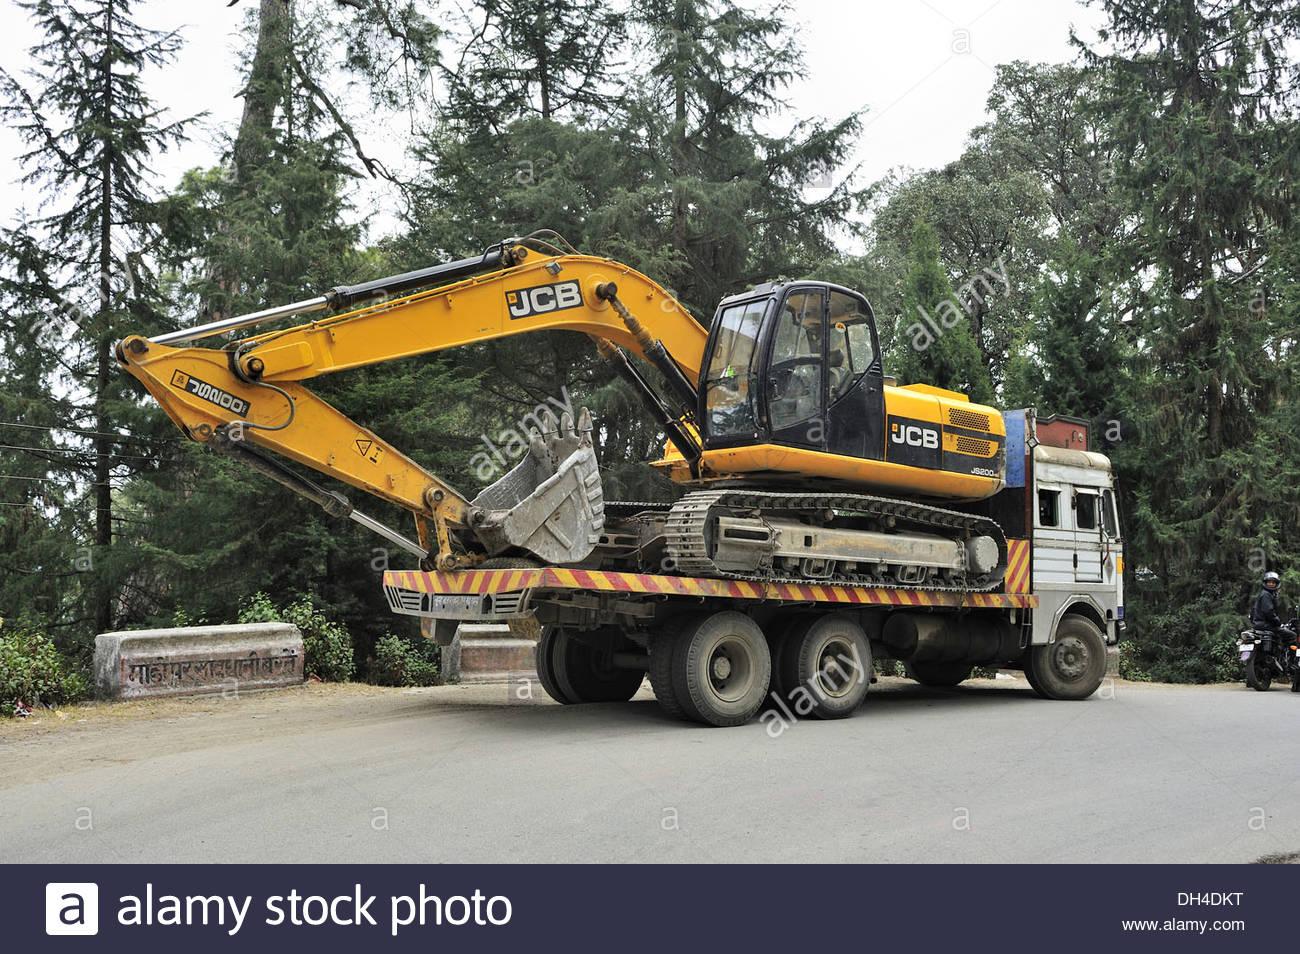 truck-carrying-loaded-with-jcb-crane-ranikhet-almora-uttarakhand-india-DH4DKT.jpg